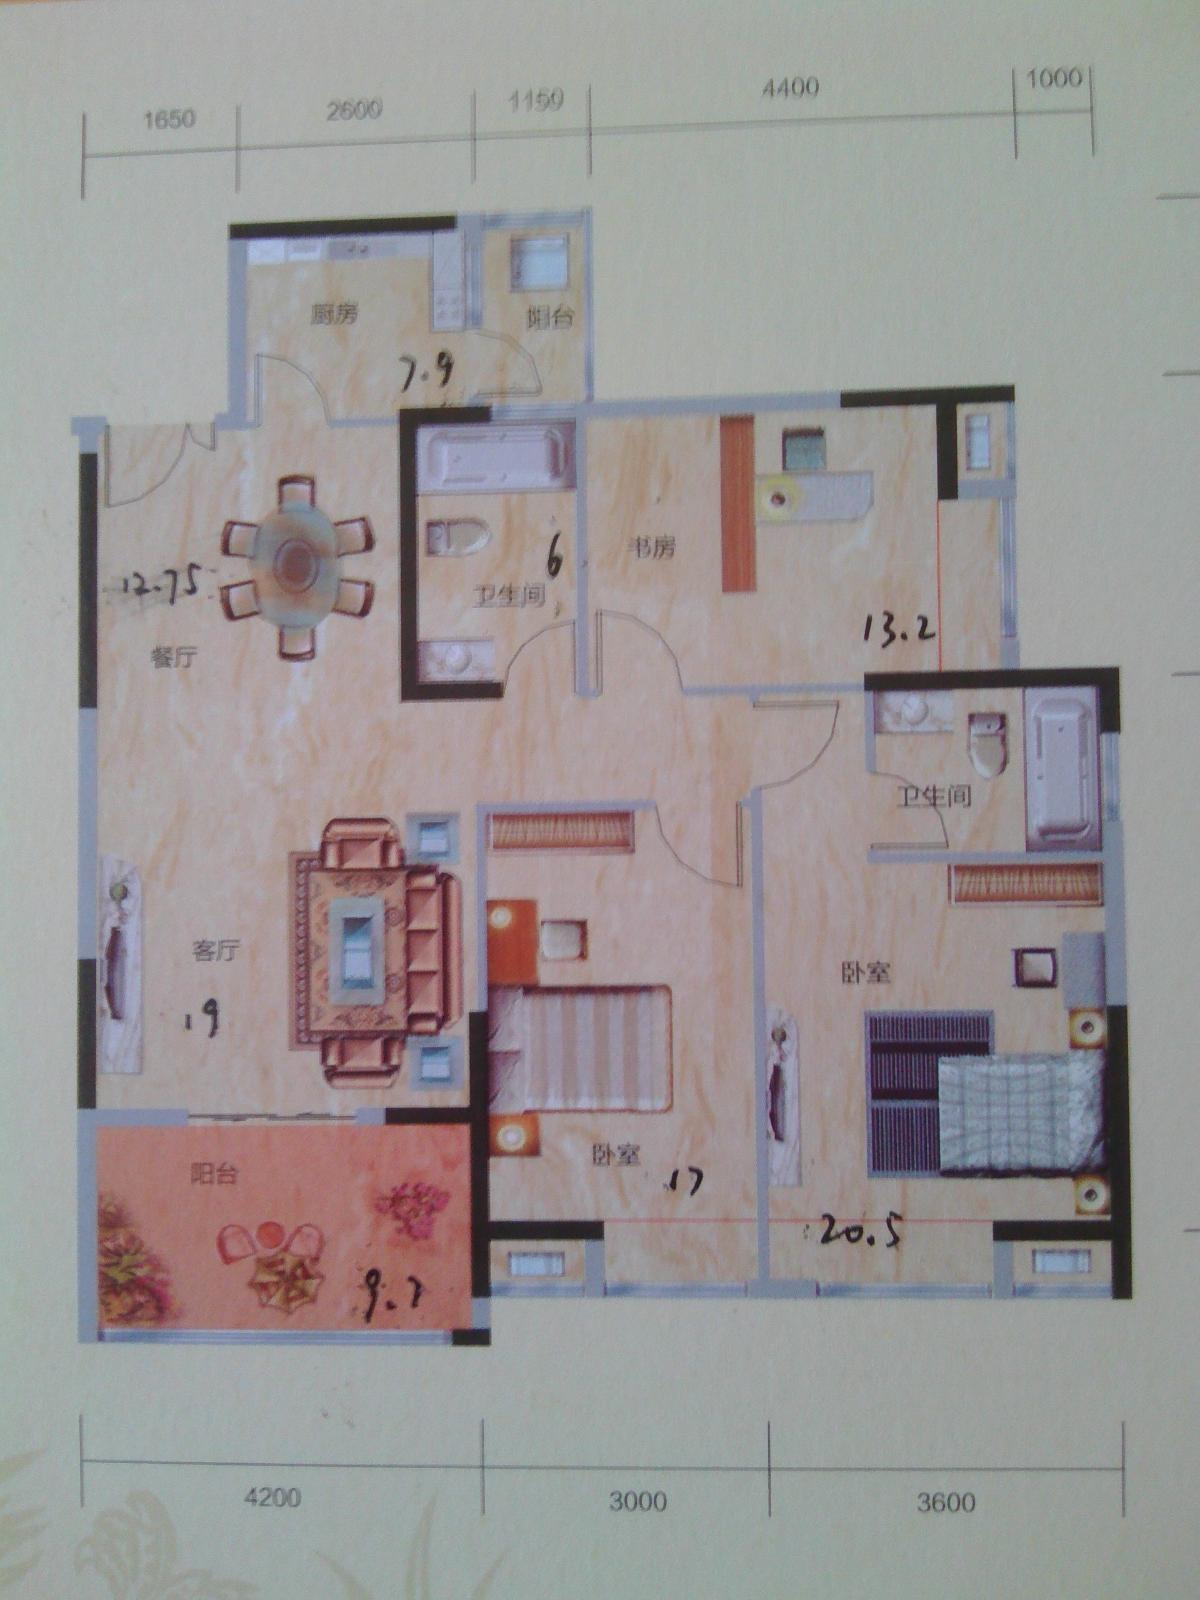 这是我房子的平面图图片